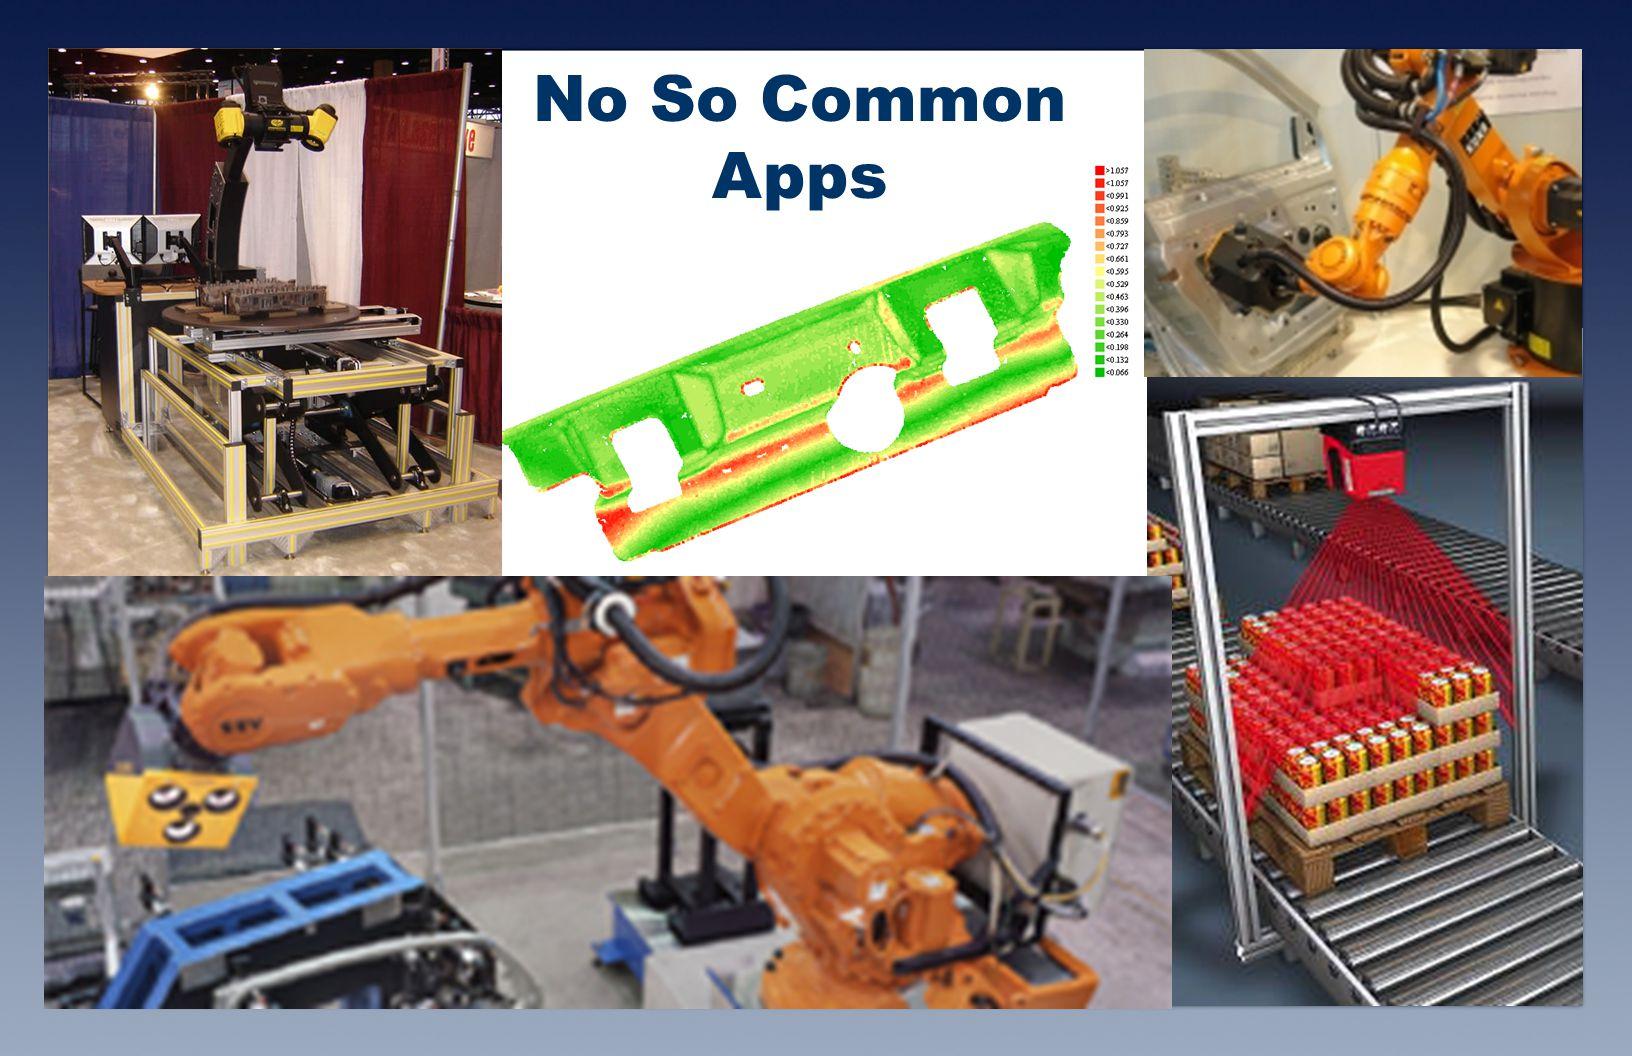 No So Common Apps